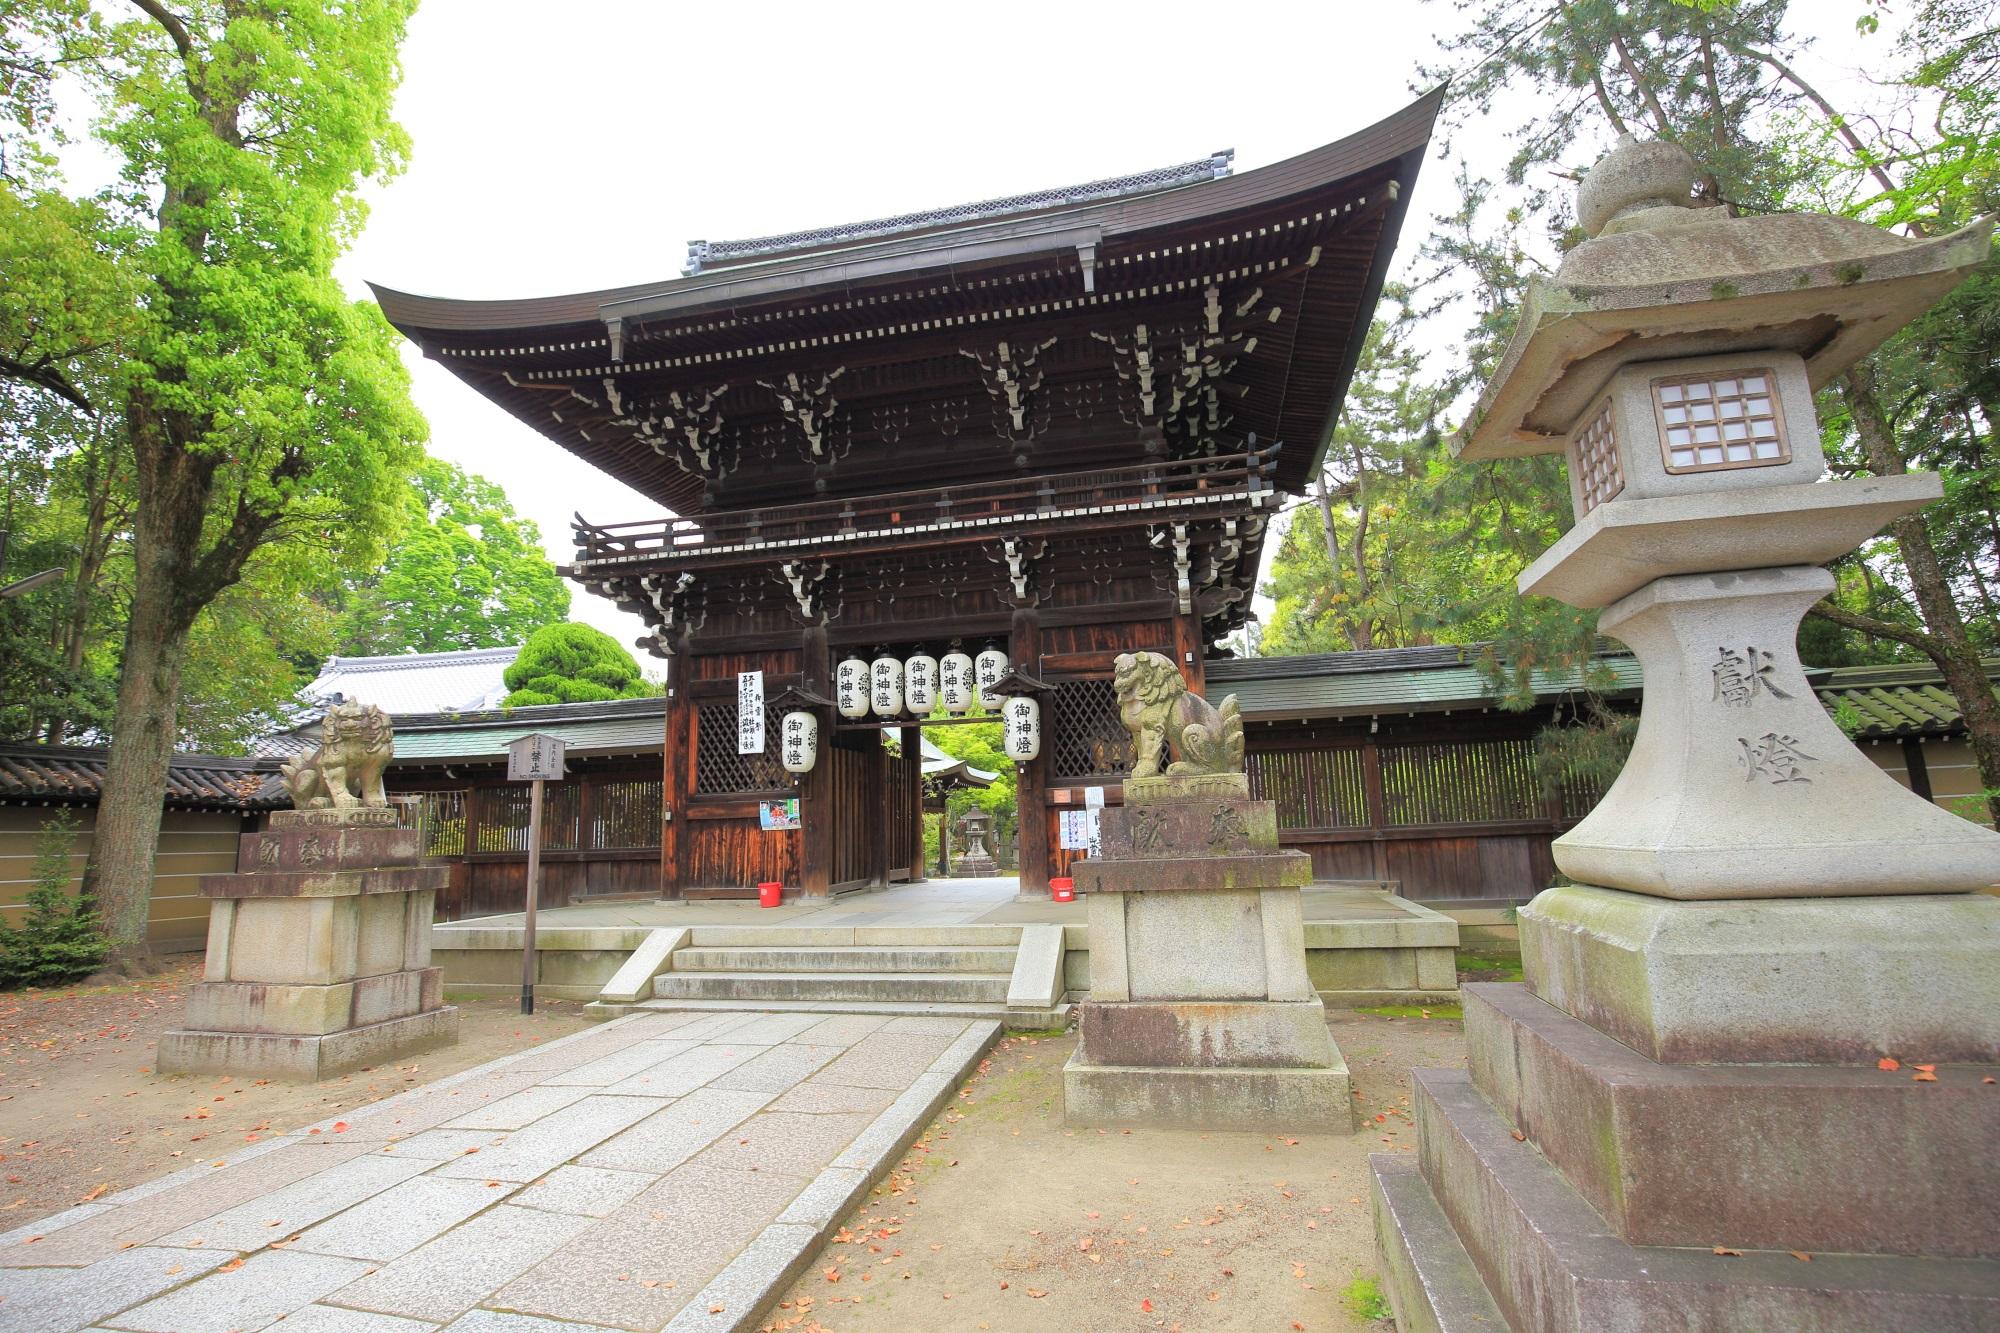 上御霊神社の立派に構える楼門